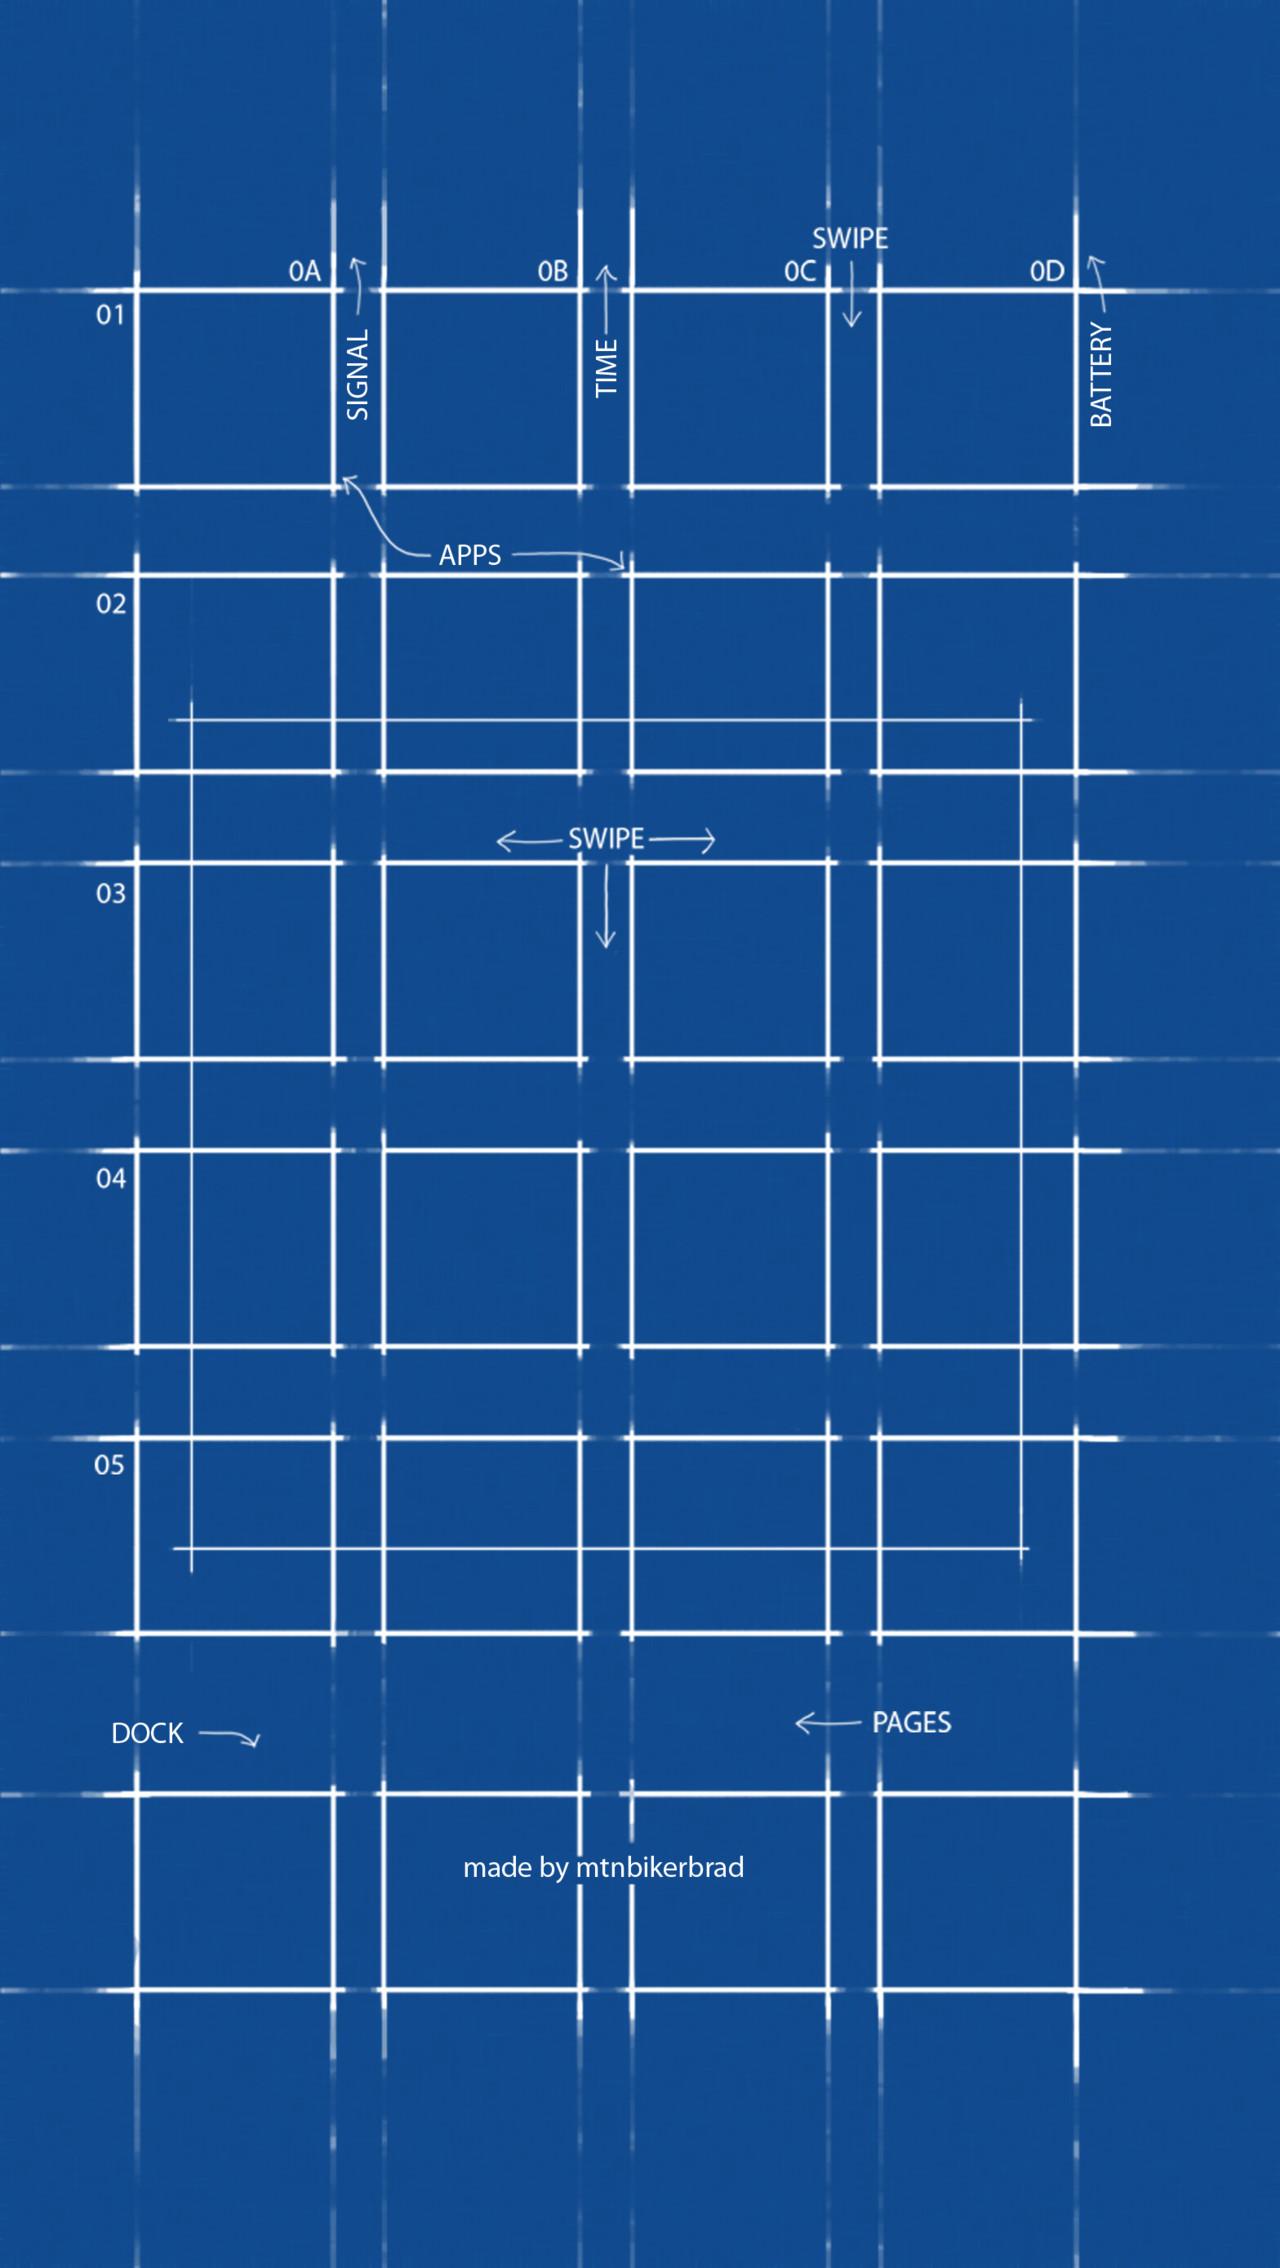 Official iPhone Wallpapers – WallpaperSafari